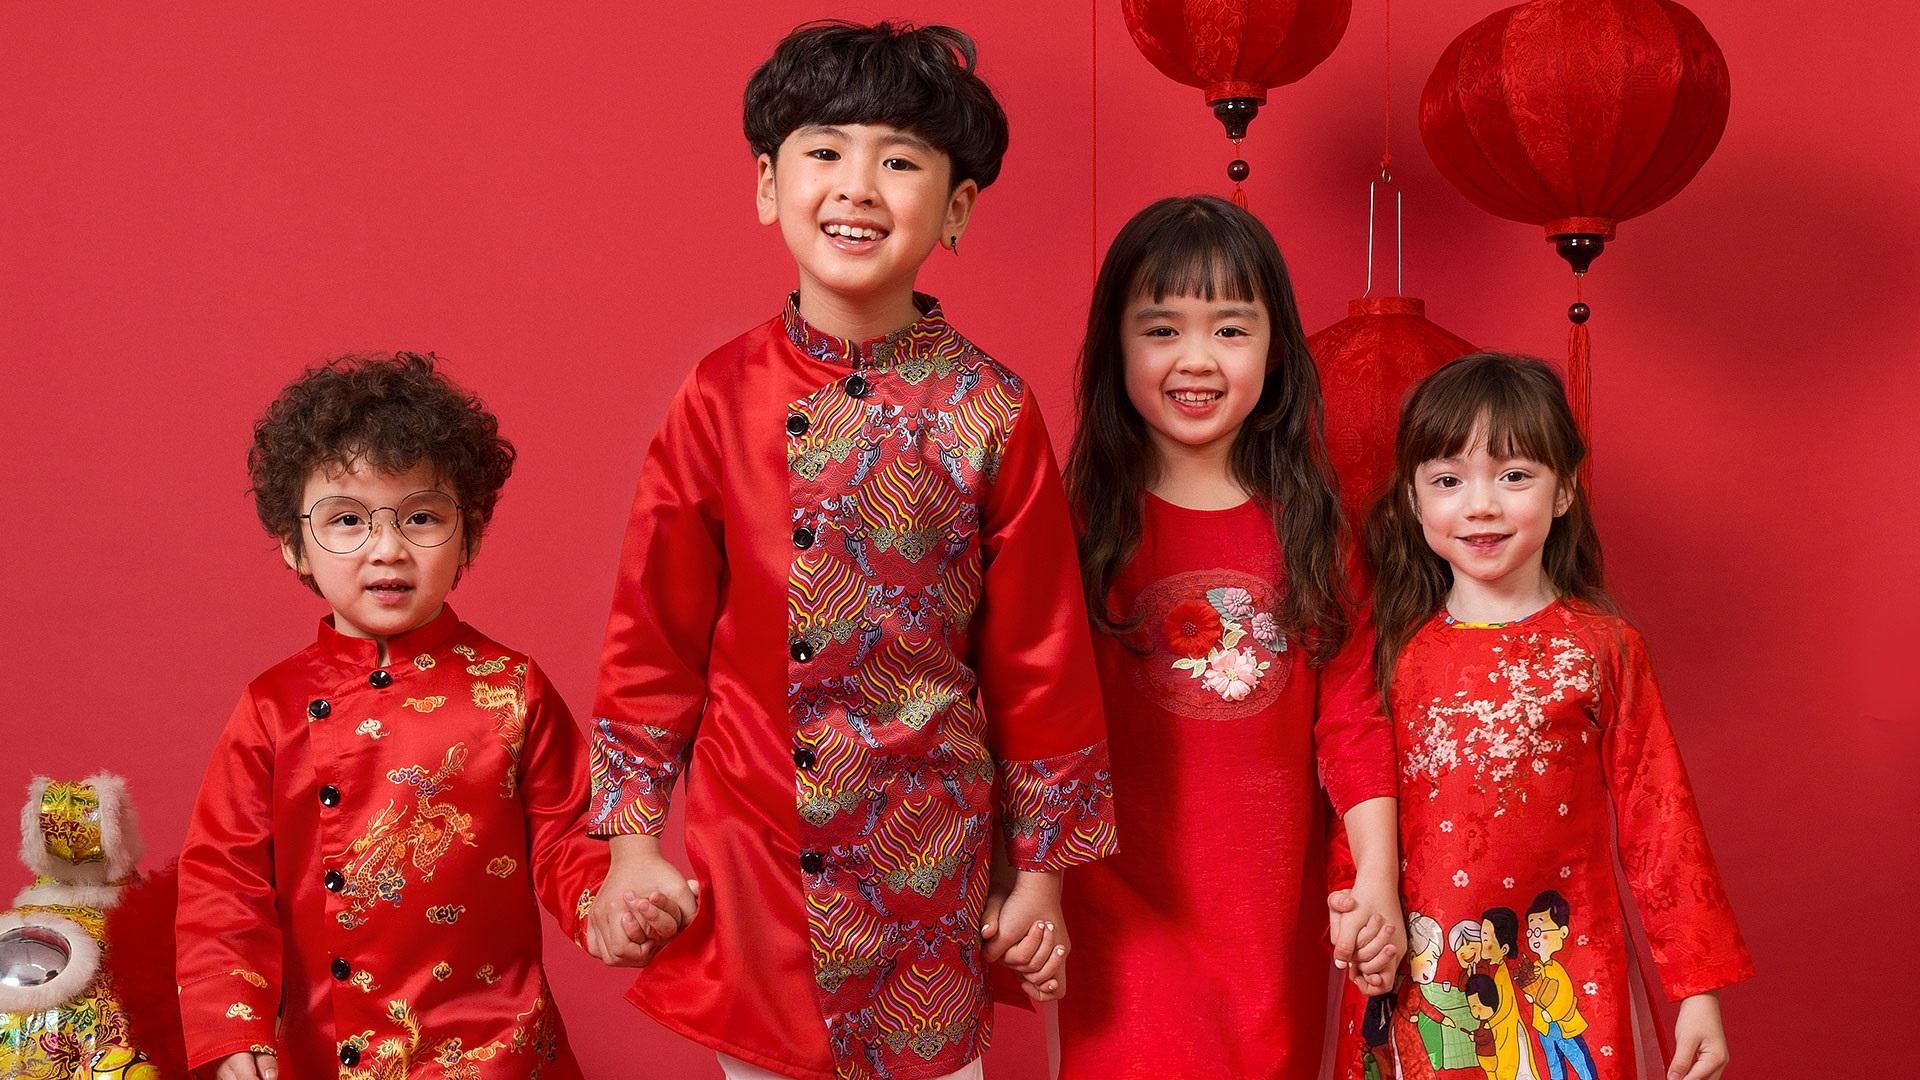 Thời trang trẻ em Rabity giảm 100.000 đồng khi lấy mã giảm giá của VinID